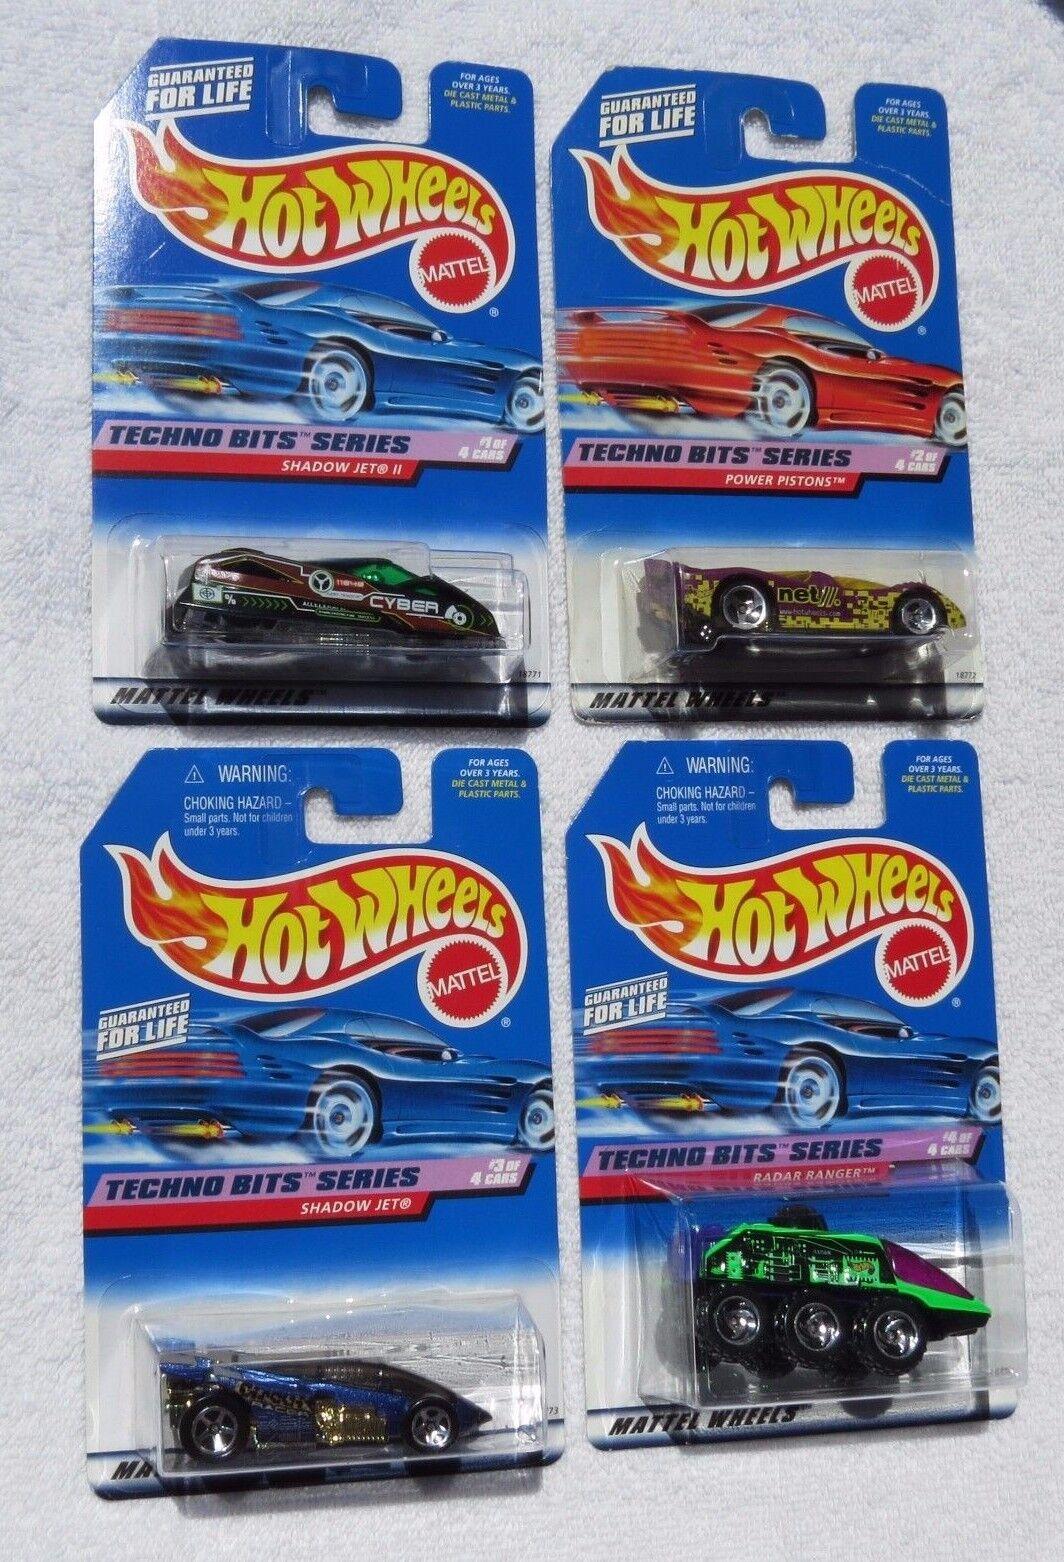 1998 1998 1998 bits Techno Hot Wheels de Mattel Serie, conjunto completo de 4 coches, nuevos (6,B1) 24872d